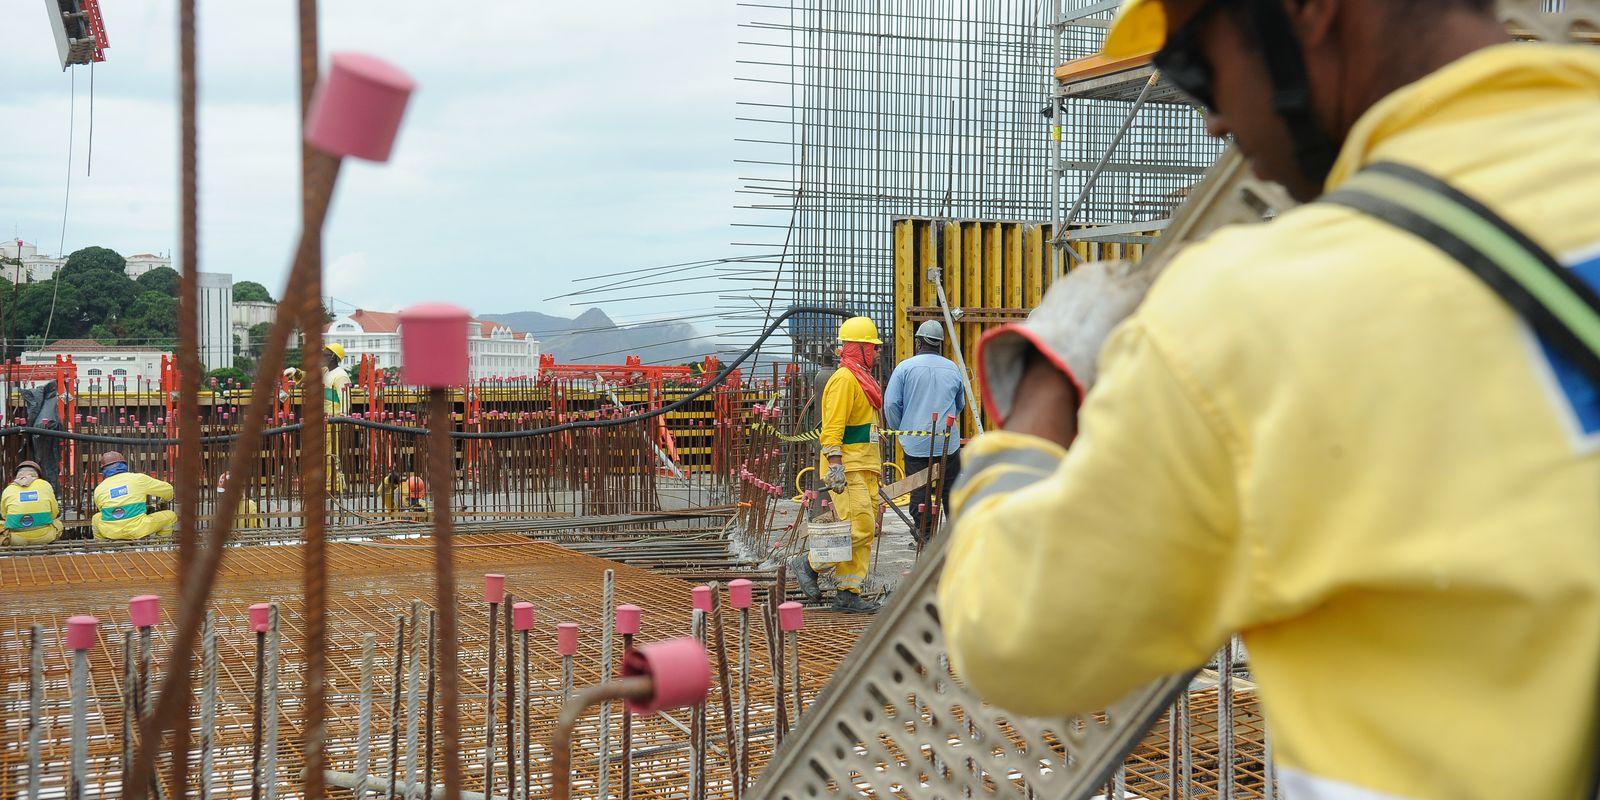 Construção Civil, Obras, canteiro de obras, construção, trabalhadores